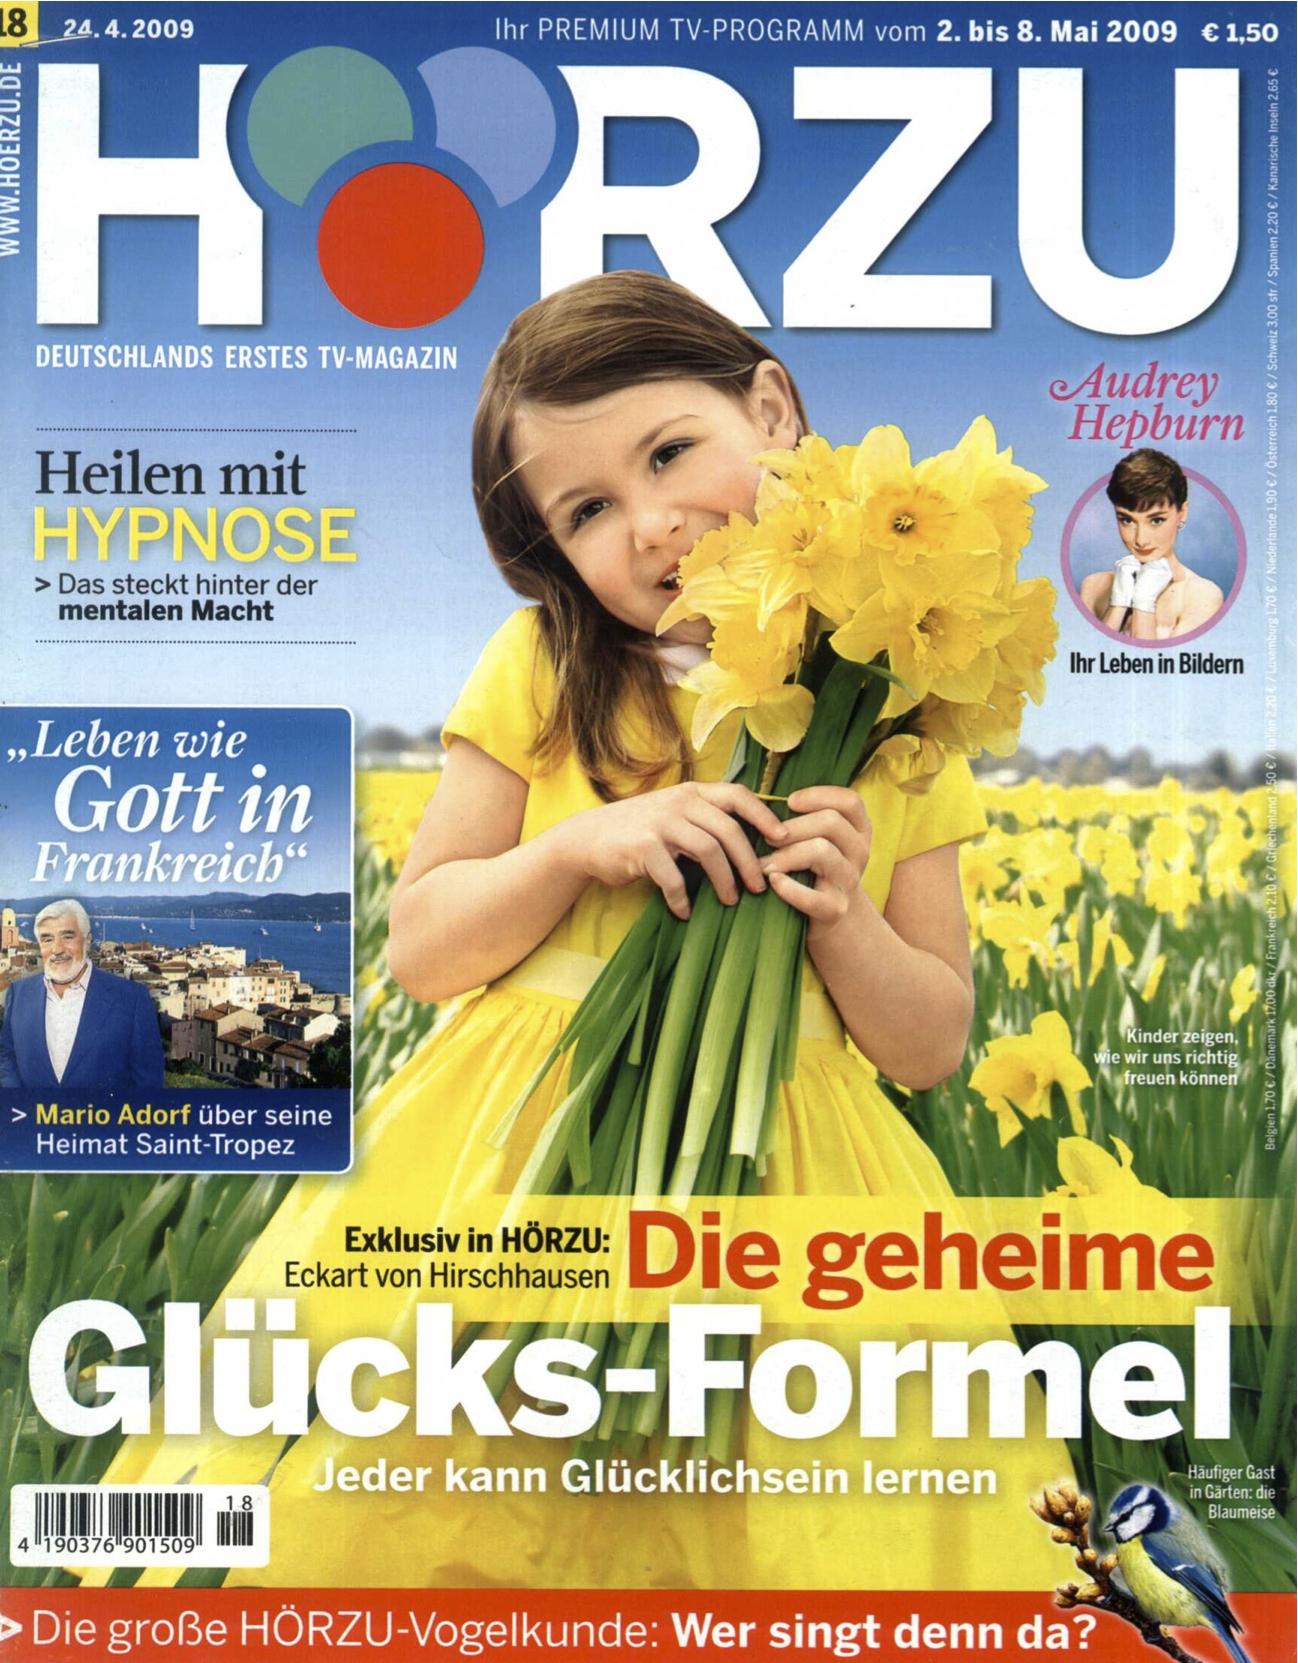 HZ_24.4.2009_Cover.jpg